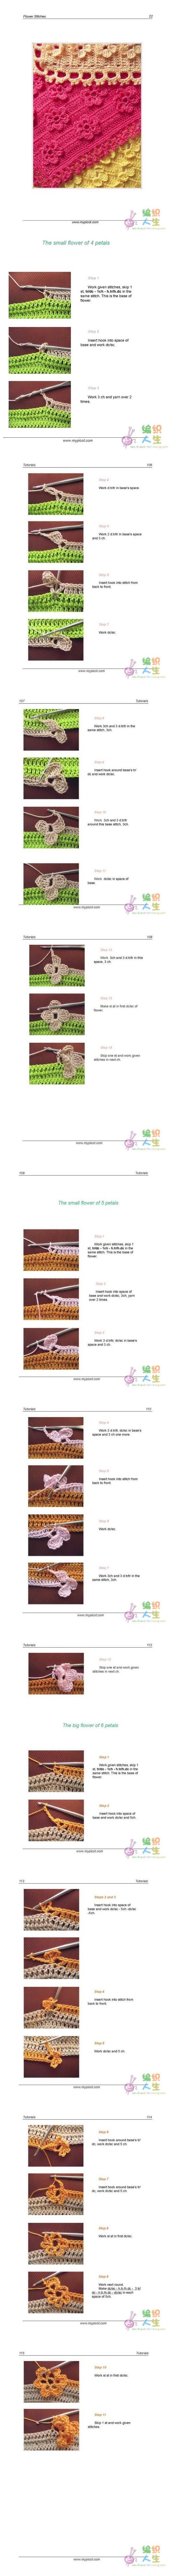 que giros pontos de crochet / Free pattern for an adorable crochet ...